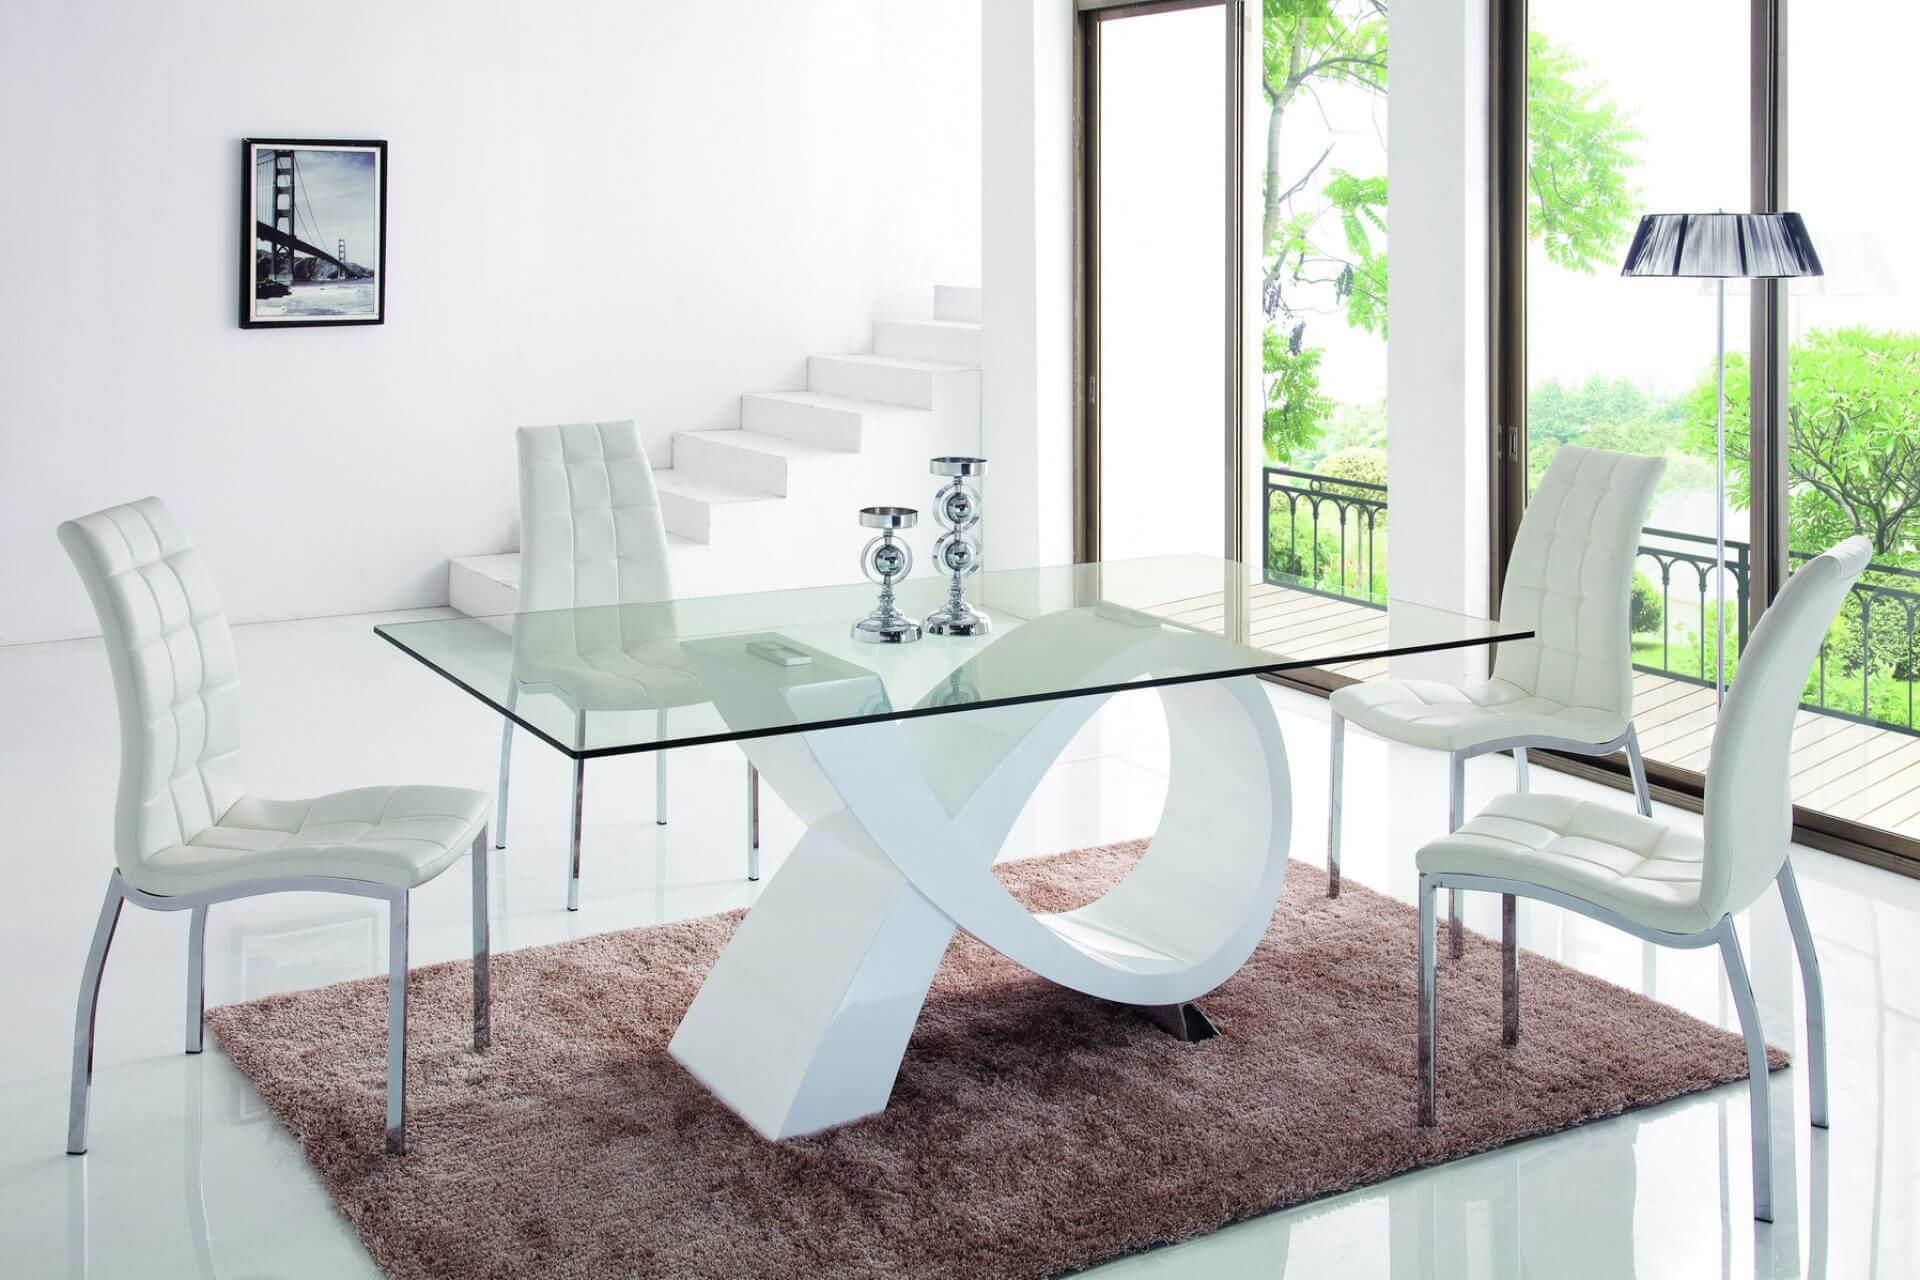 podstole-dlya-kuhonnogo-stola (27)